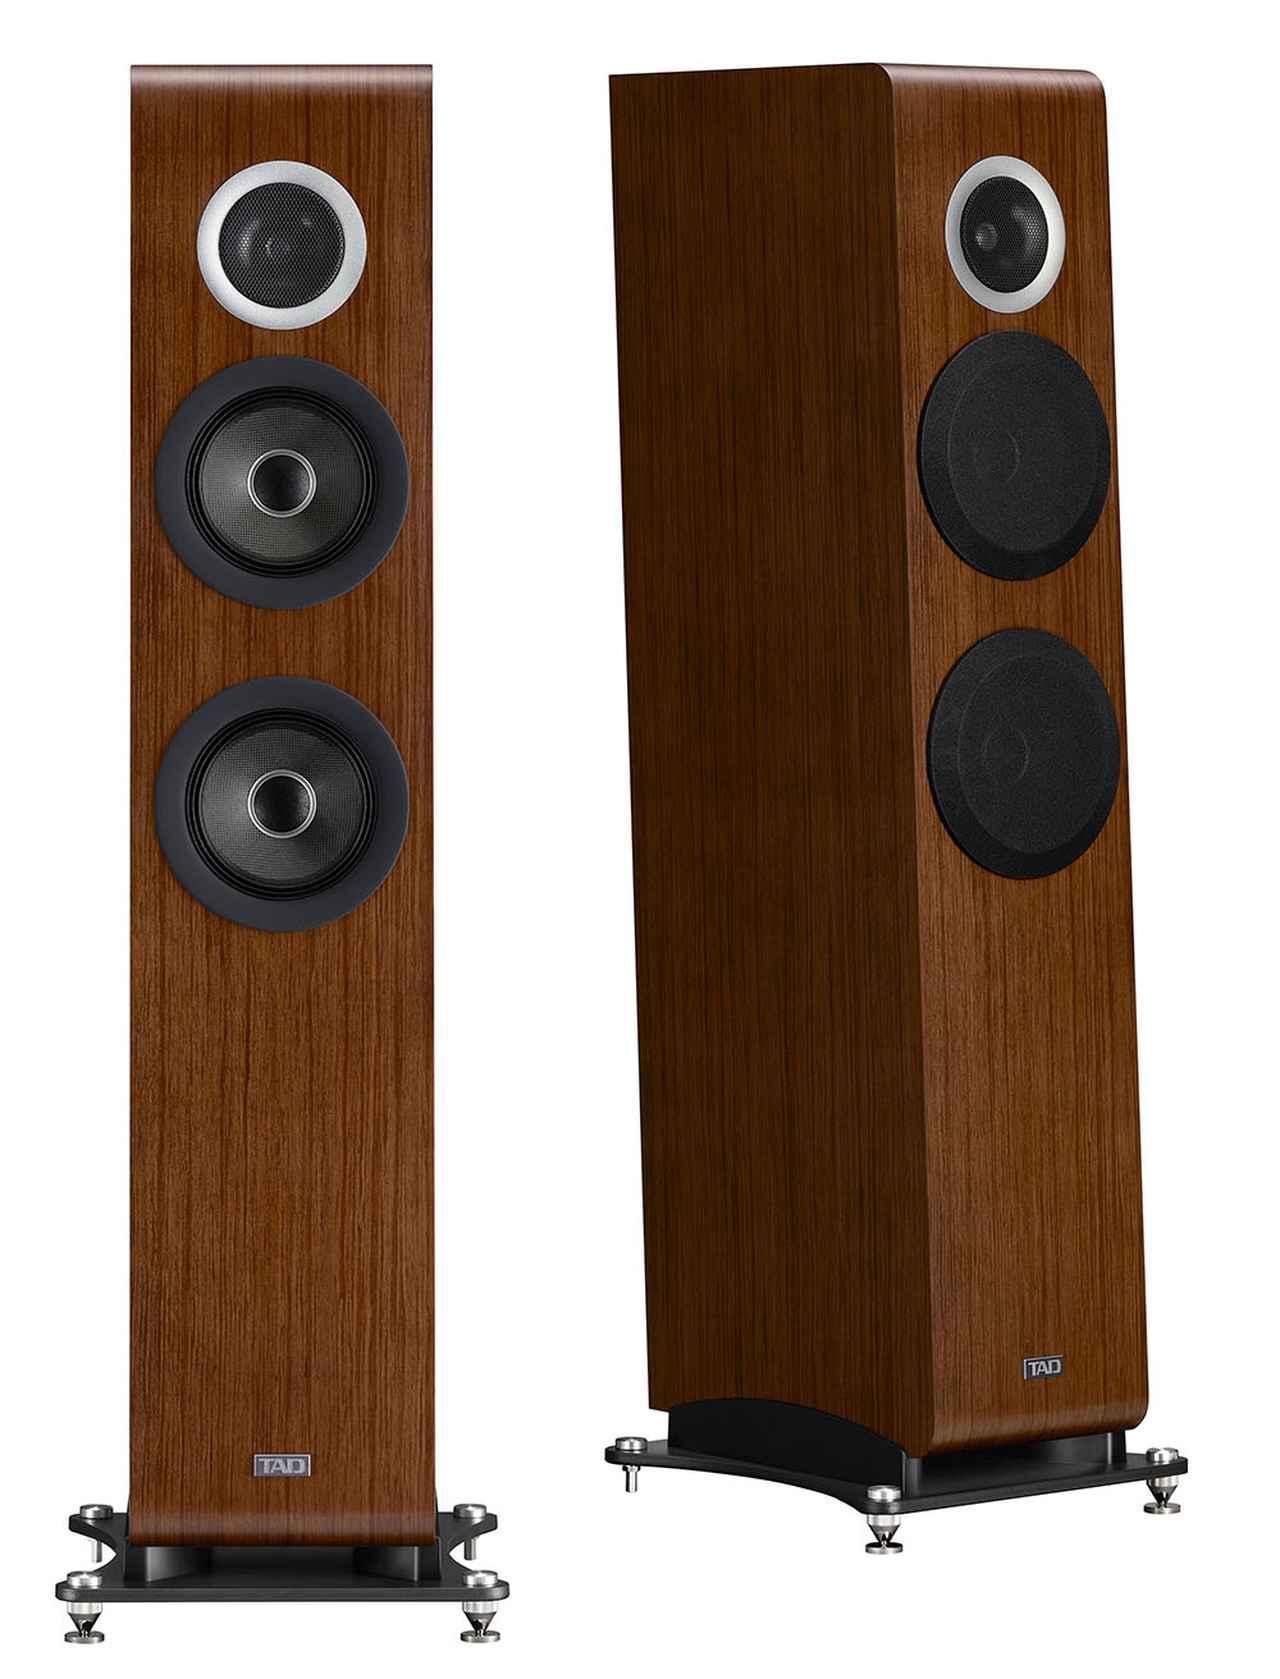 画像: TAD、Evolutionシリーズのスピーカー「TAD Evolution Two」デビュー。新開発155mmウーファーと25mmトゥイーターを搭載し、音場と音像の高度な融合を実現